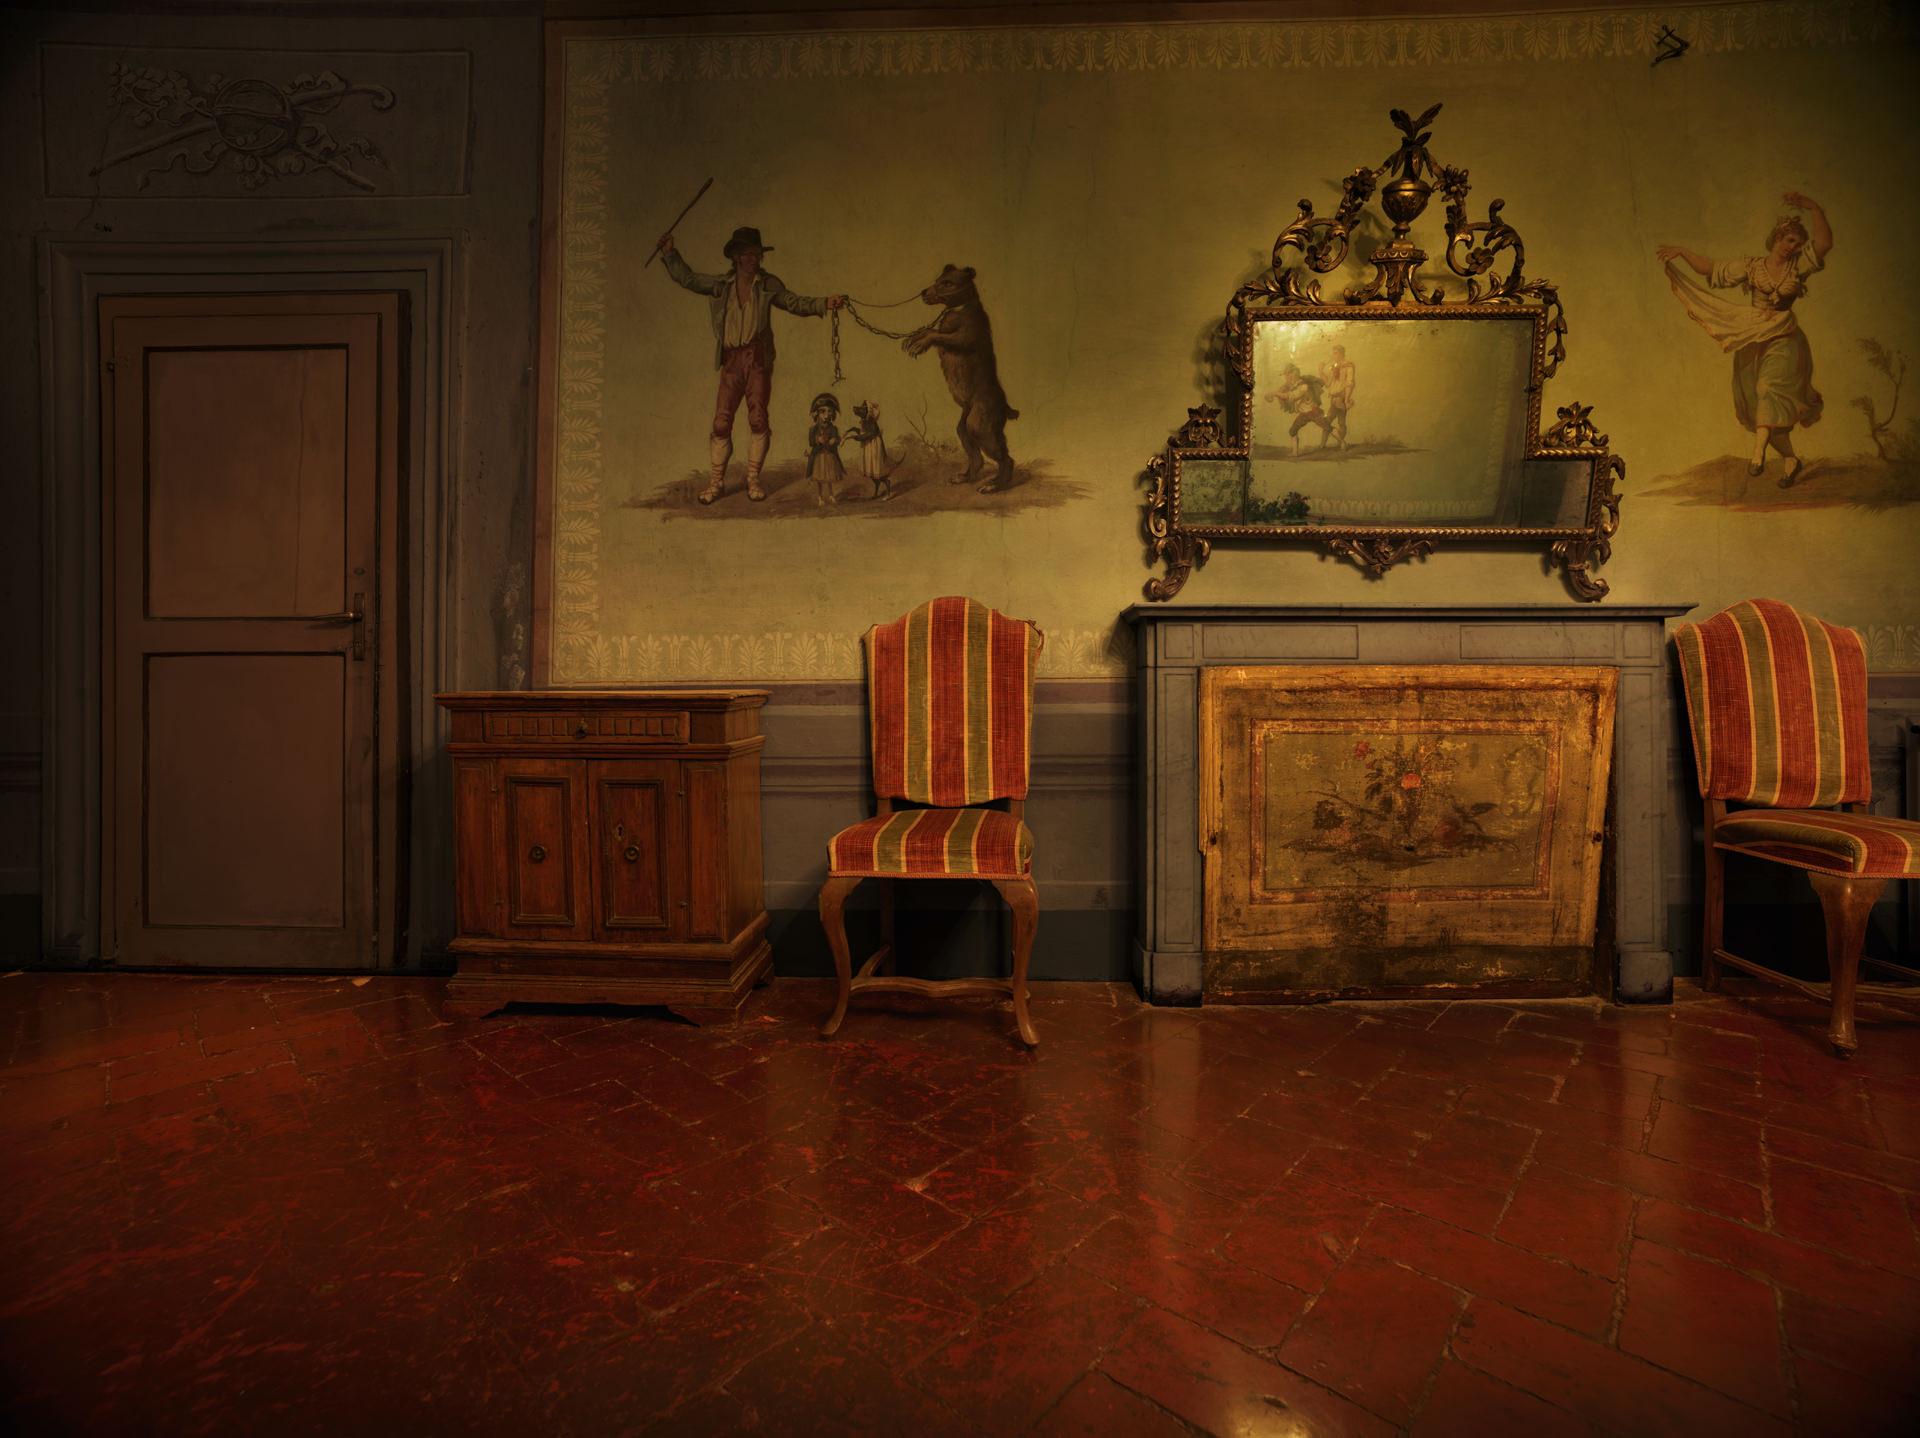 ©ankeluckmann1345, Villa Villoresi Hotel, Architecture, Interior, Italy, anke luckmann, interior